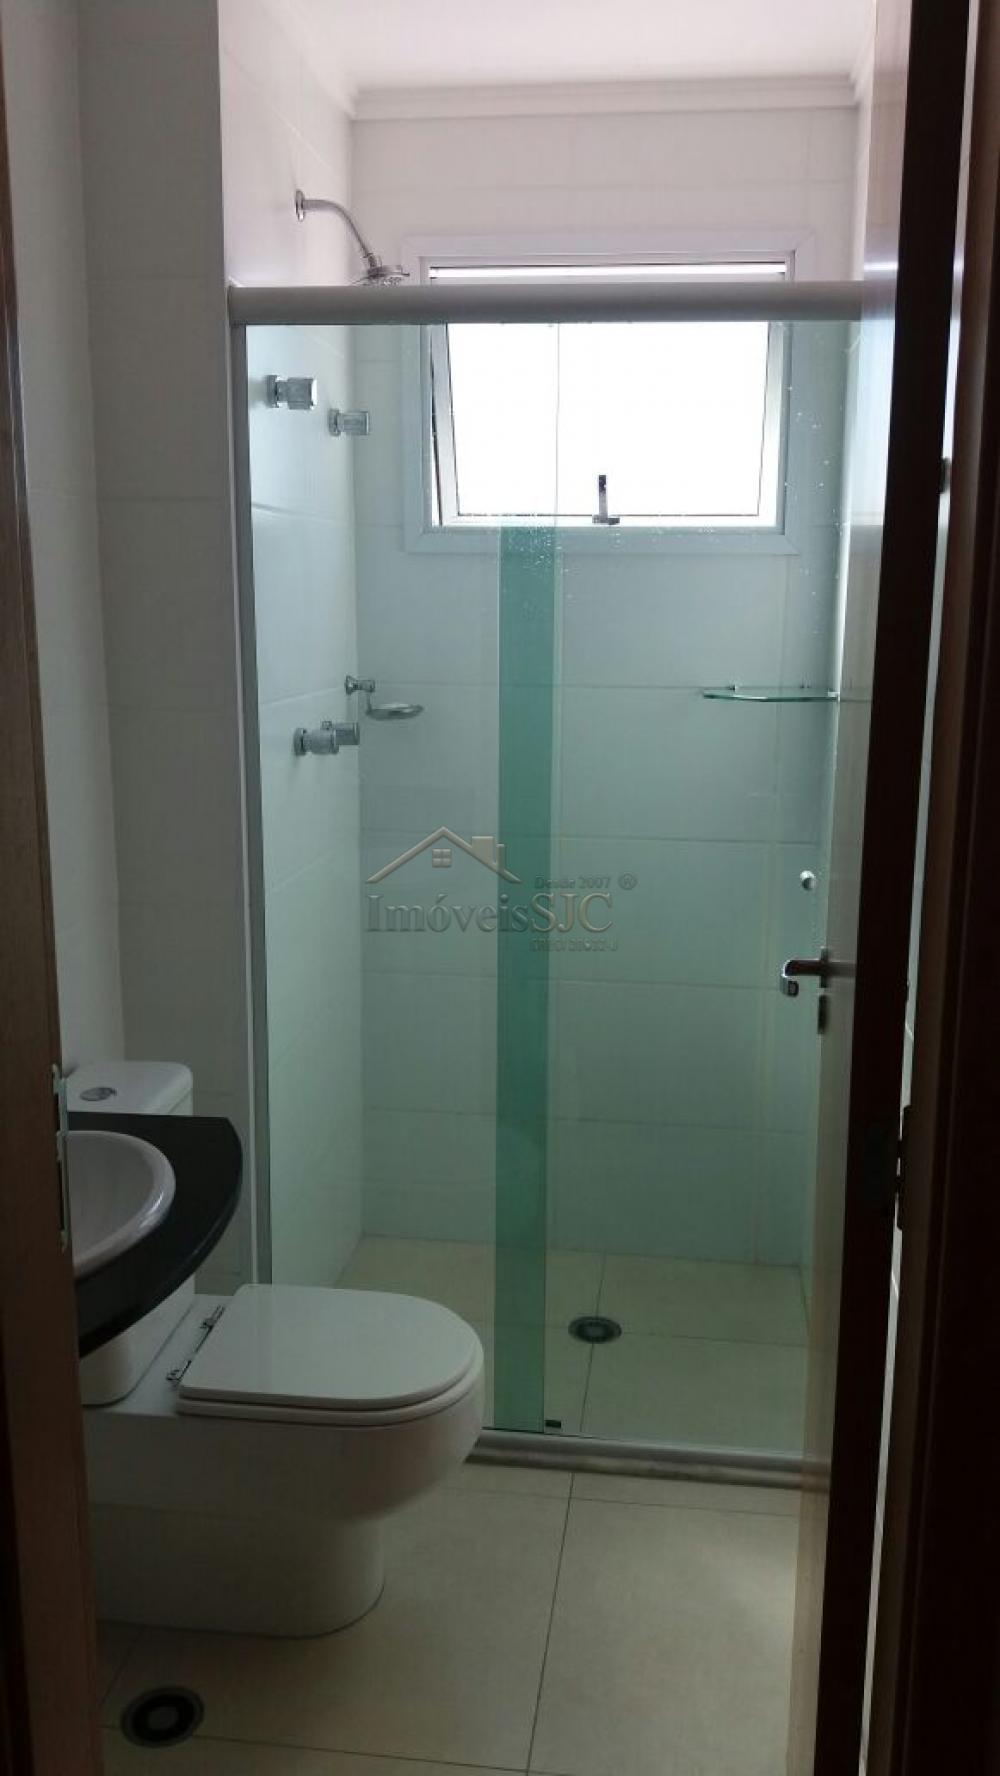 Comprar Apartamentos / Padrão em São José dos Campos apenas R$ 458.000,00 - Foto 7